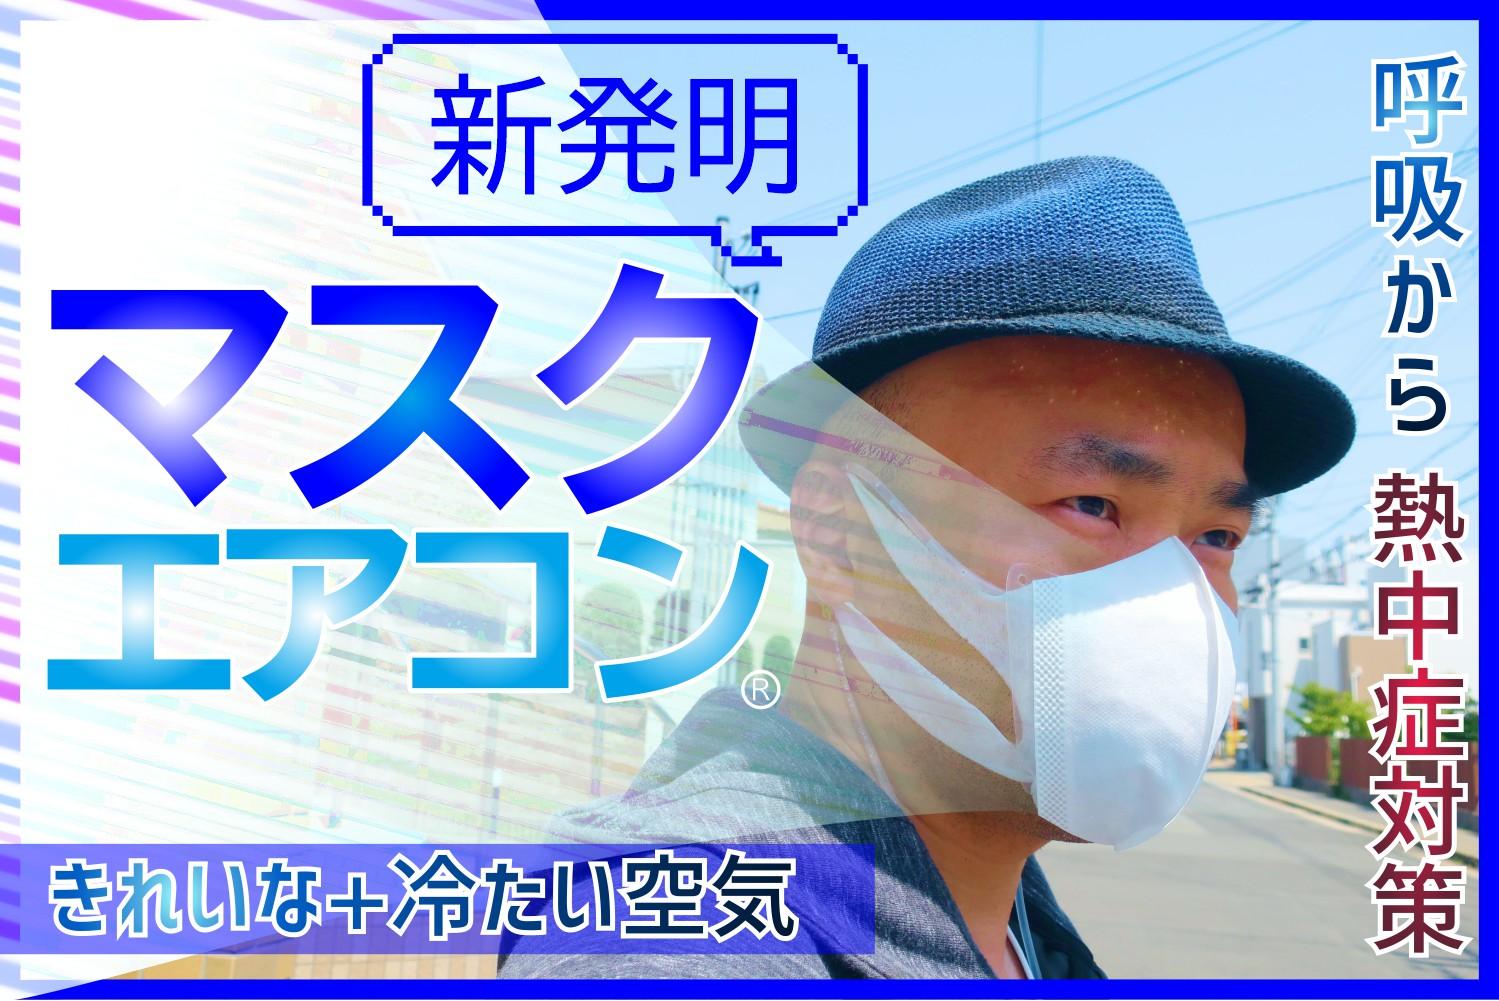 熱中症対策専門メーカーであるクールスマイルから、立体エアコンマスクを発売